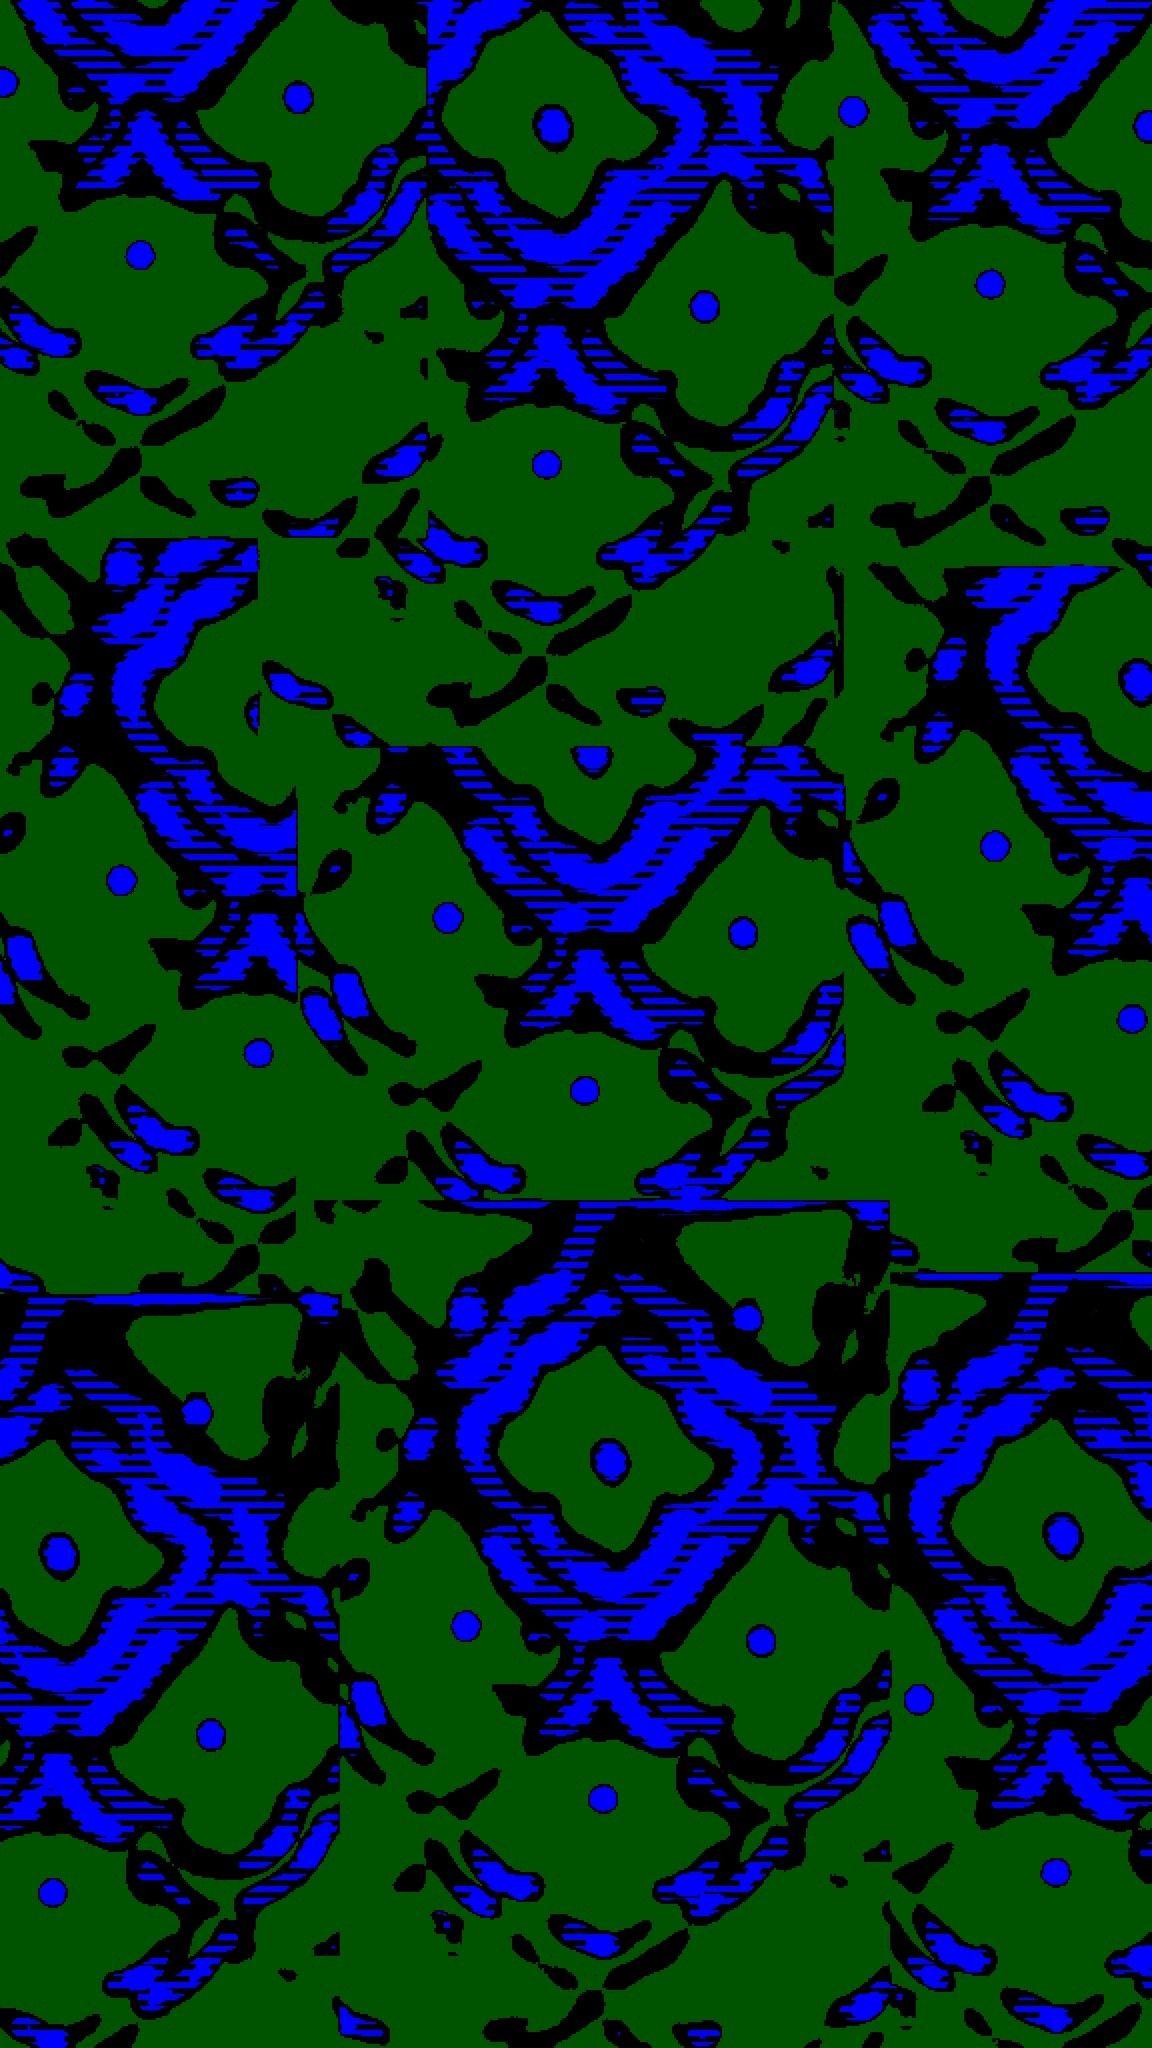 Pin by dan on ptd scarfe Blue art, Wallpaper backgrounds